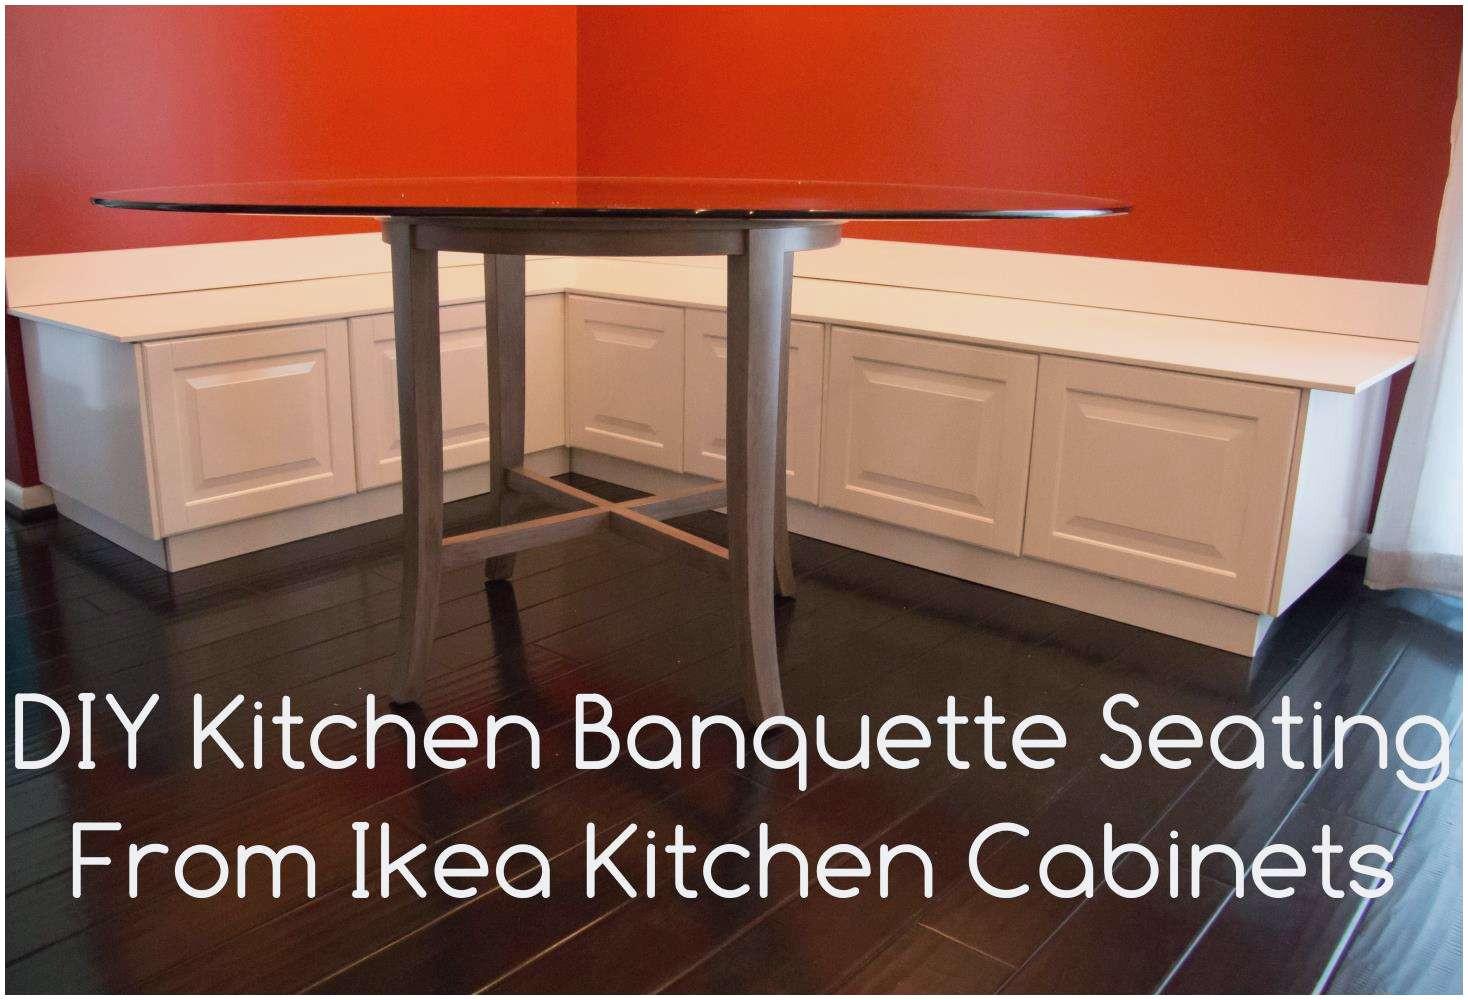 le meilleur de diy corner protectors home design pour excellent diy banquette diy banquette diy kitchen